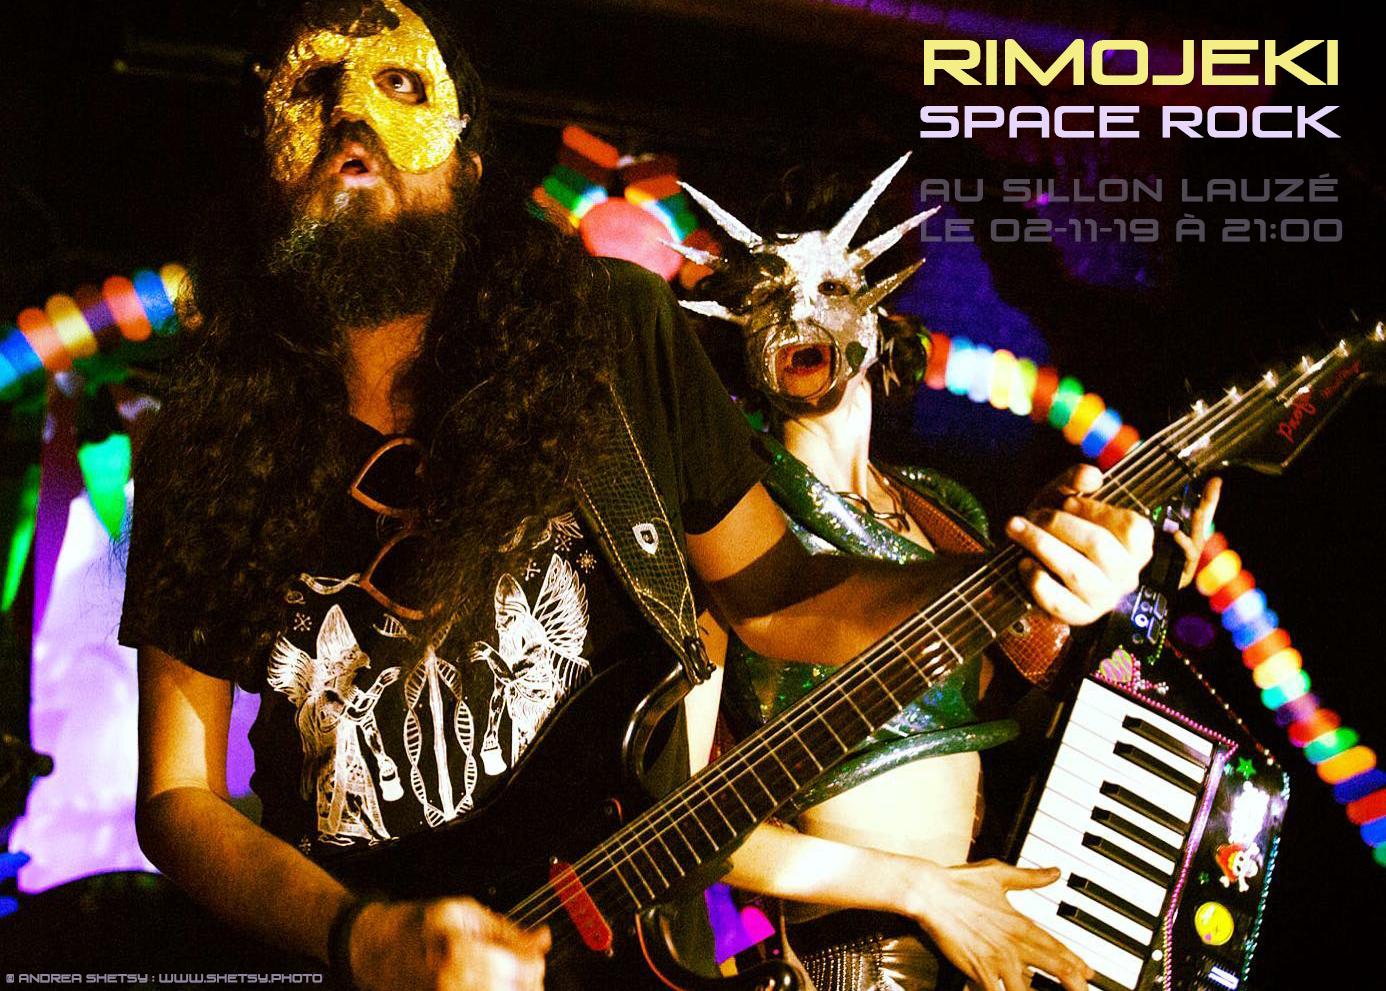 Rimojeki en concert le samedi 02 novembre 2019 au Sillon Lauzé (Marvejols)